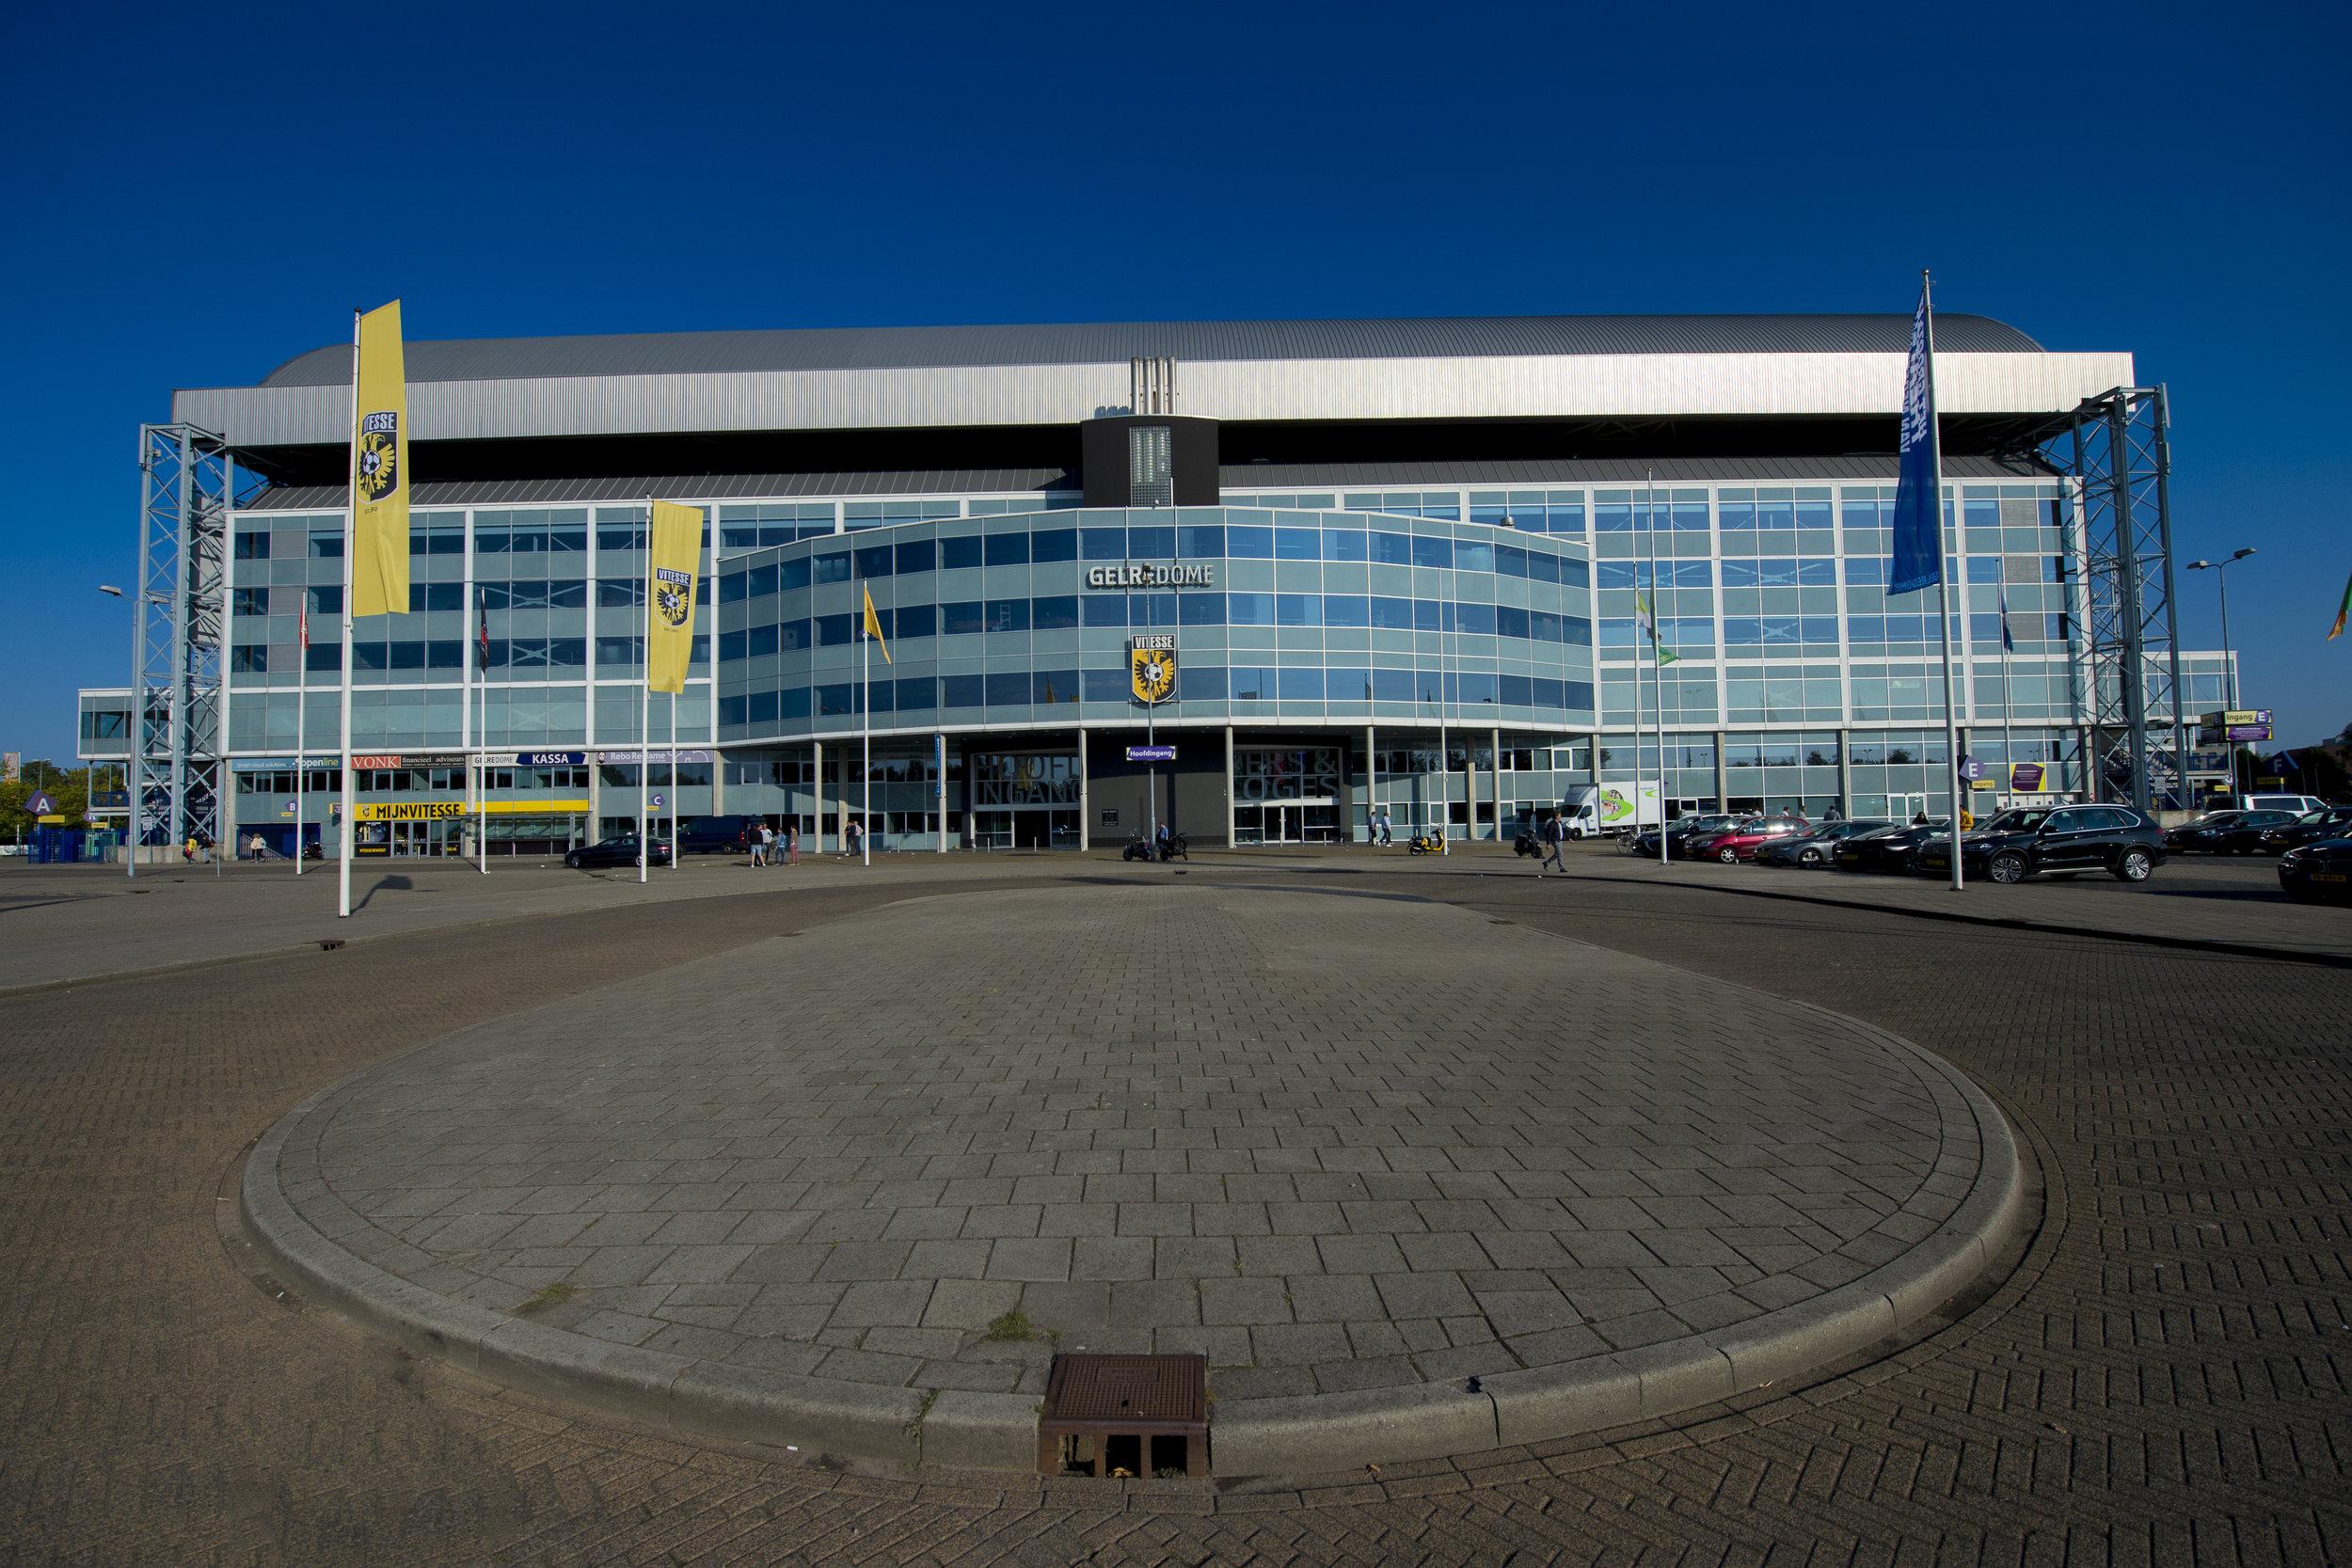 Vitesse - LET OP! Alleen in de fanshop de besteden.Vitesse is de enige betaalde voetbalclub uit Arnhem en behoort tot de subtop van Nederland. De club werd in 1892 opgericht en is daarmee de oudste voetbalclub in de Eredivisie. In het seizoen 2016/2017 werd de eerste grote prijs gewonnen, de KNVB Beker. Sinds 1998 speelt Vitesse haar thuiswedstrijden in GelreDome. In het stadion bevindt zich ook MijnVitesse, de Fanshop waar je terecht kunt voor al jouw fan artikelen. Van officiële wedstrijdshirts tot trainingskleding en van sjaals tot wedstrijdtickets.Kijk voor meer info en de openingstijden op www.vitesse.nl/mijnvitessegelredome